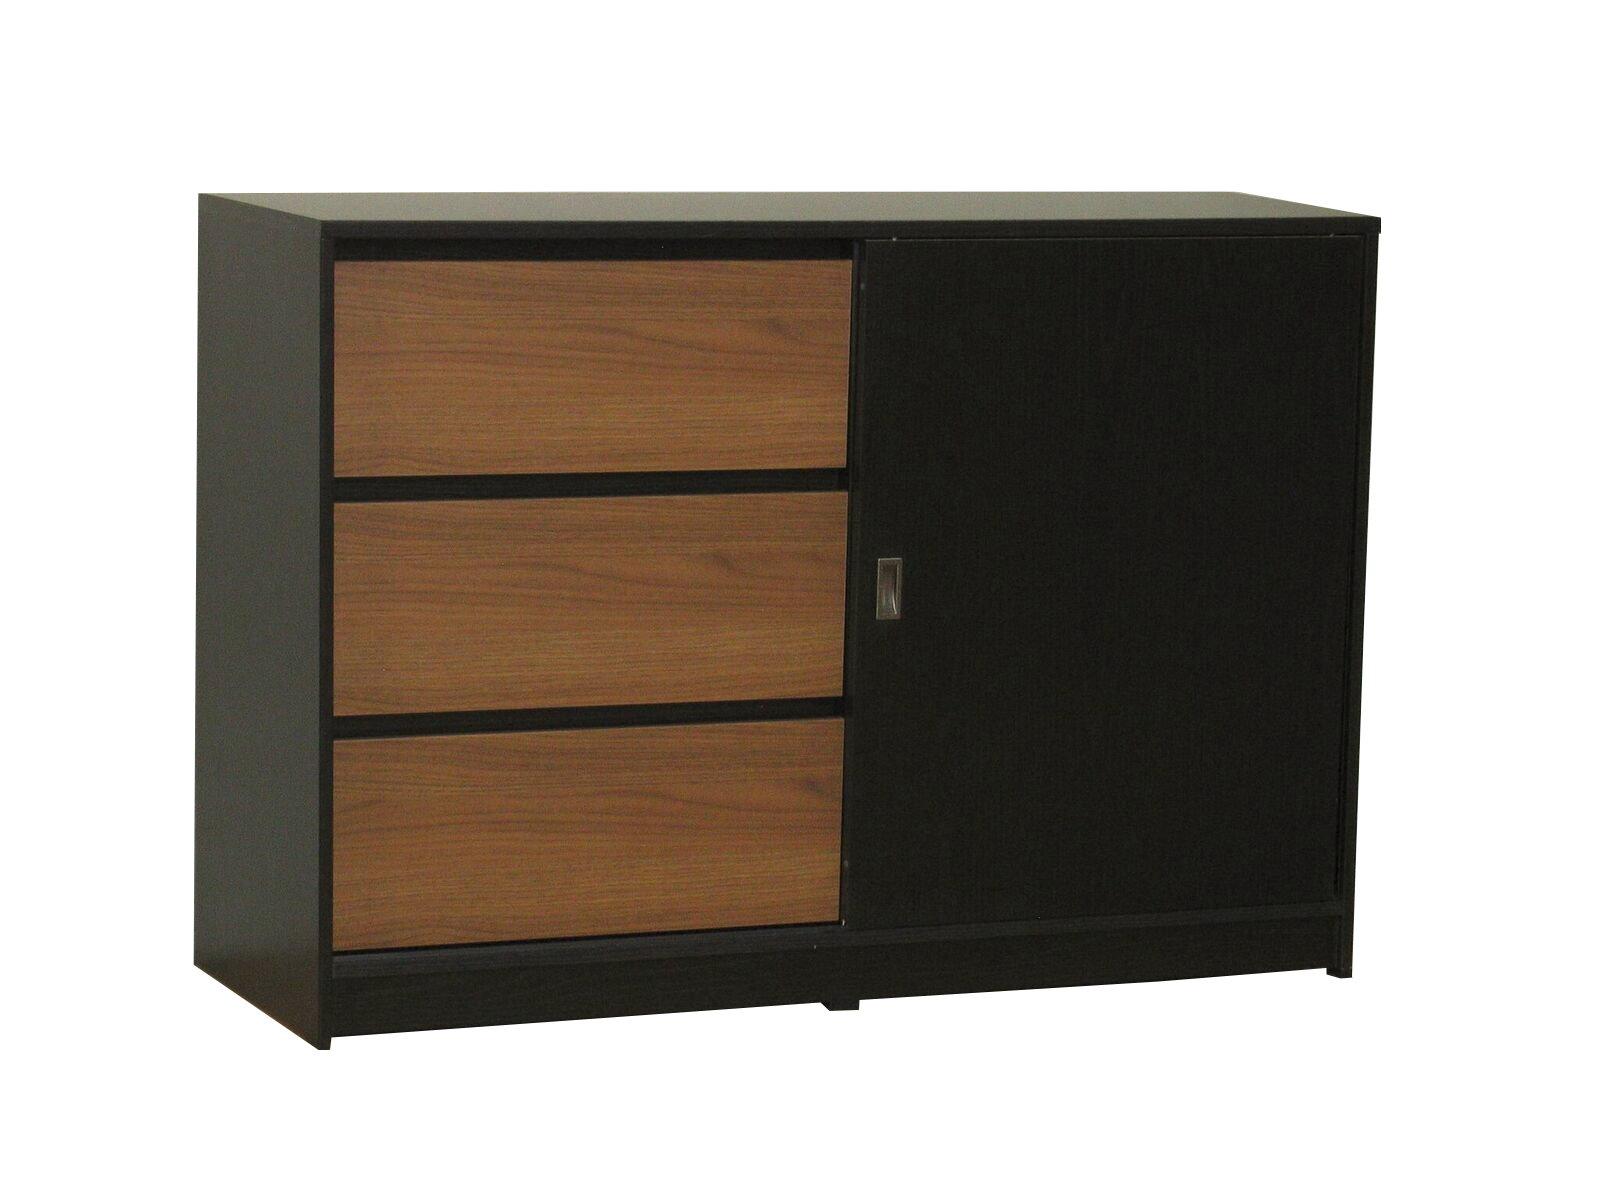 kommode cicci sideboard schubladen schrank highboard anrichte schwarz walnuss ebay. Black Bedroom Furniture Sets. Home Design Ideas